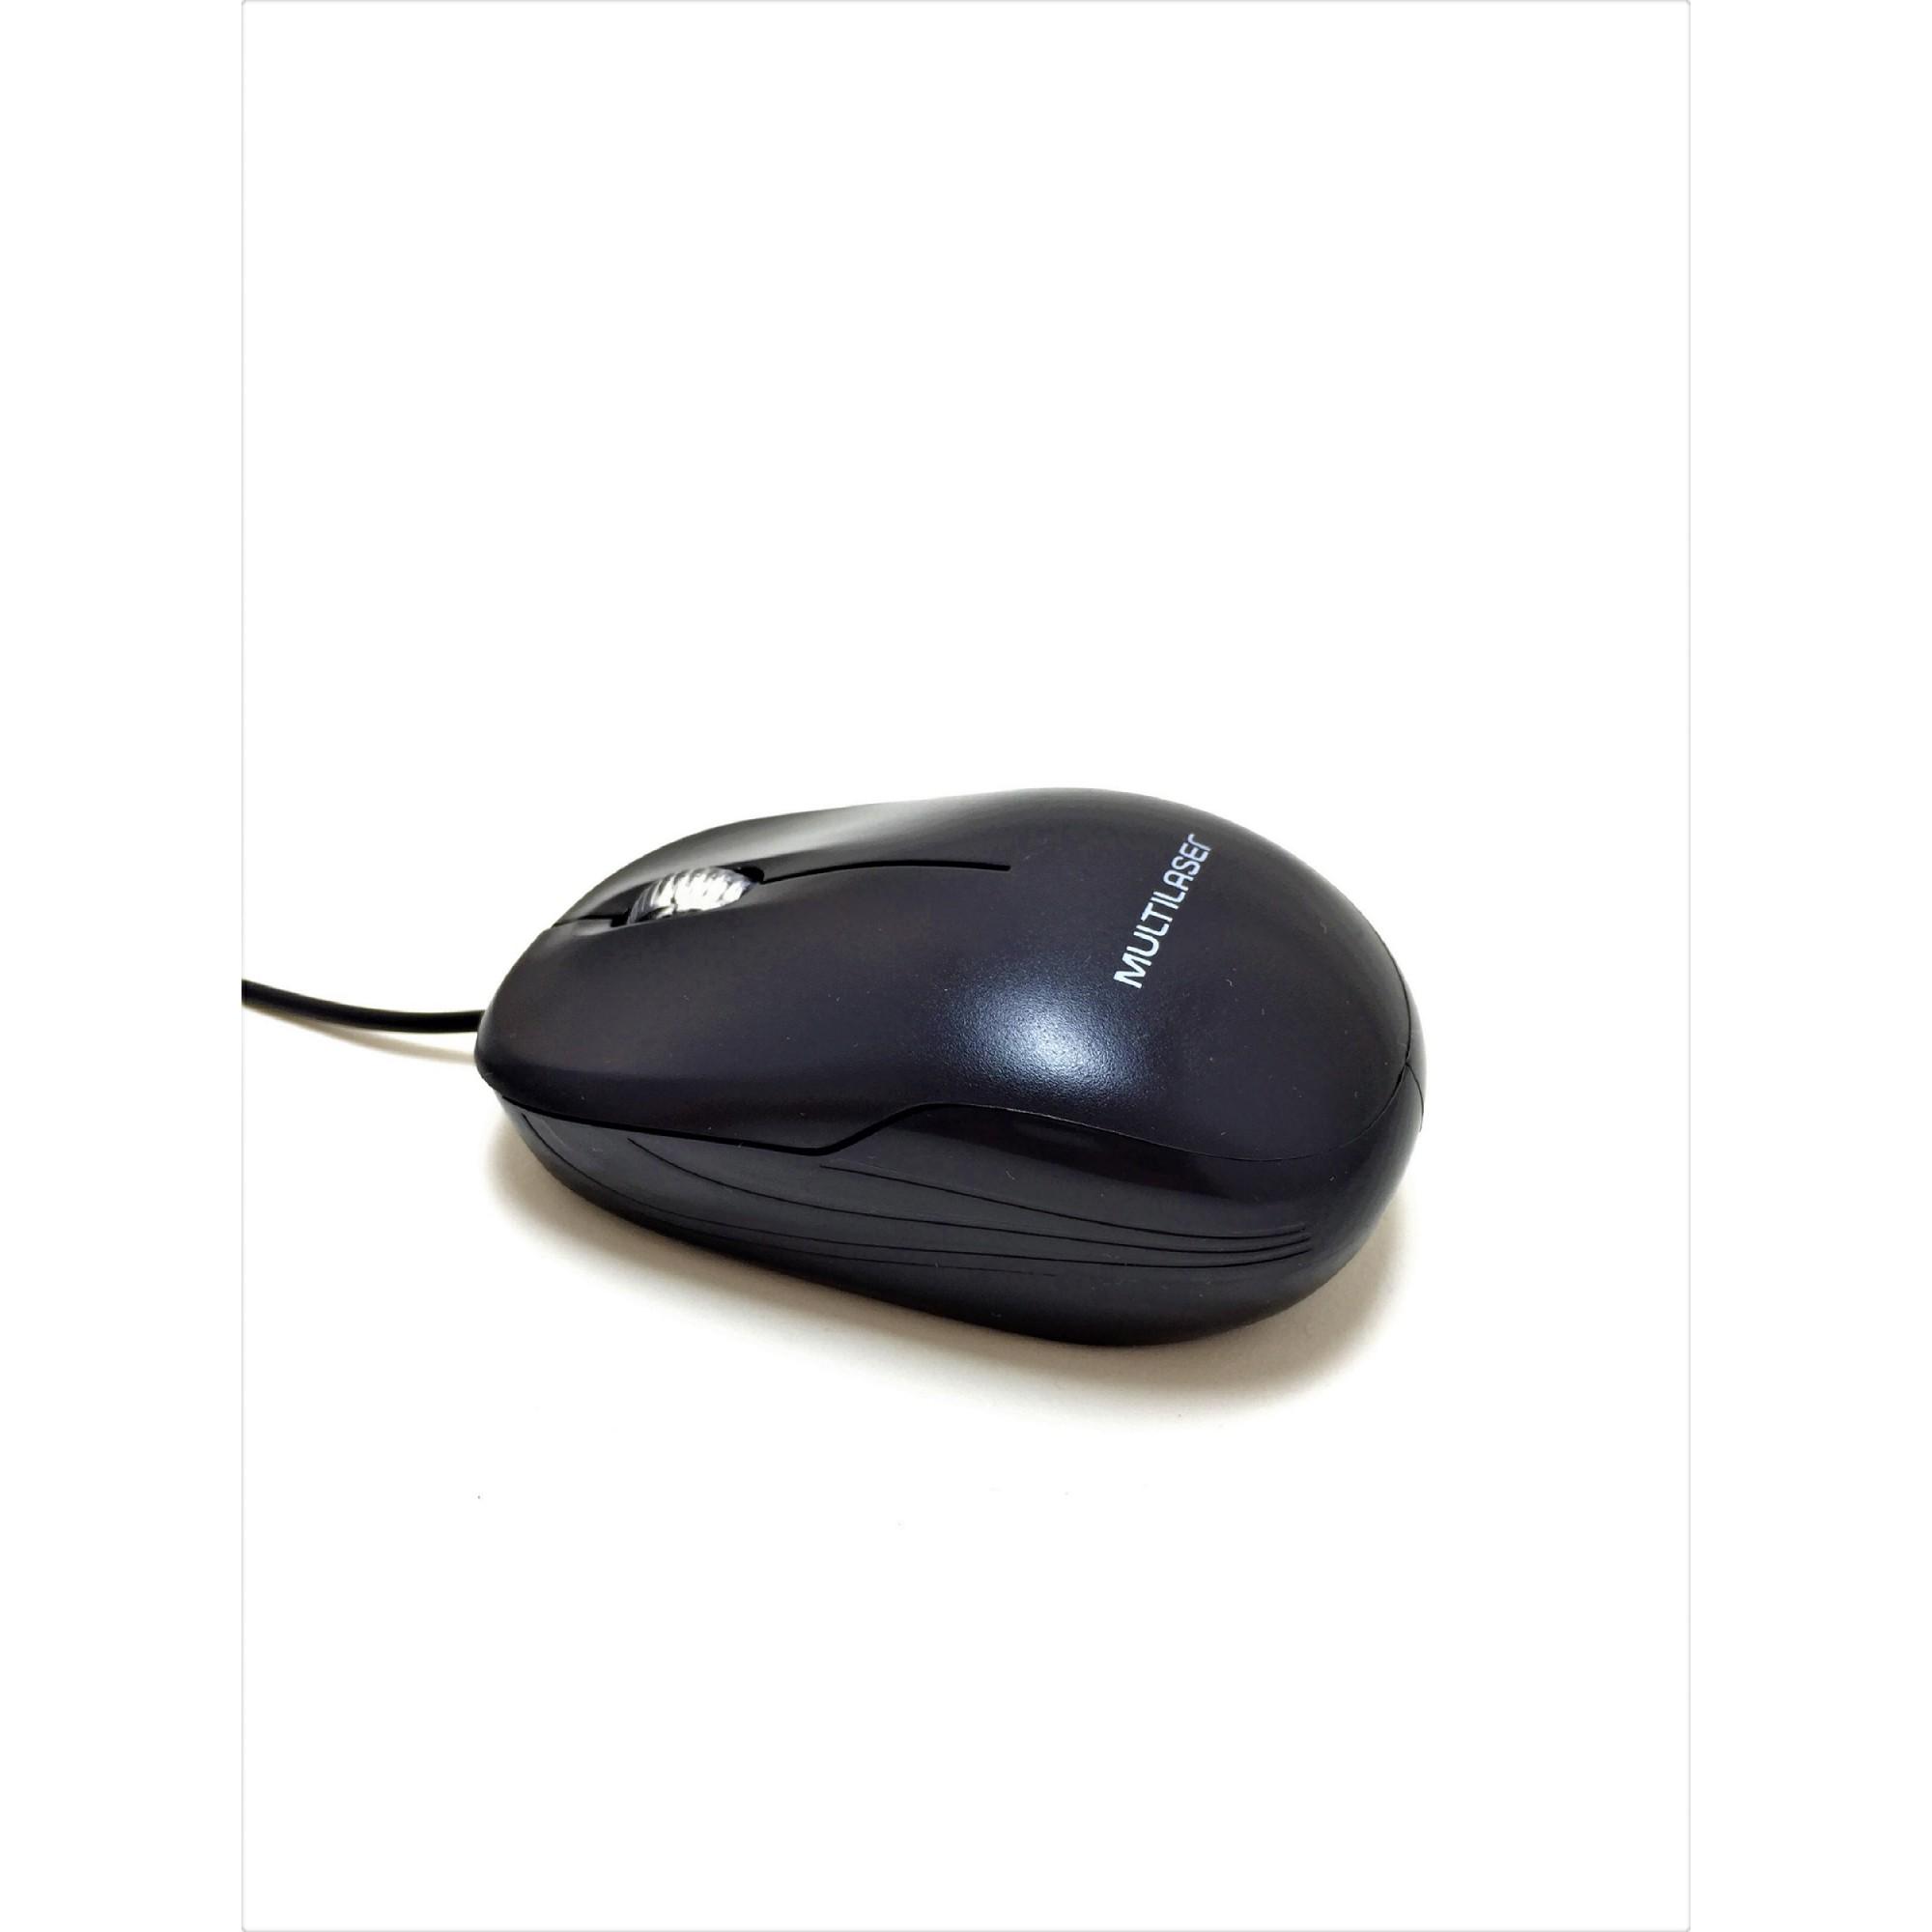 Kit Mouse/Teclado Multilaser Básico Para Escritório Preto